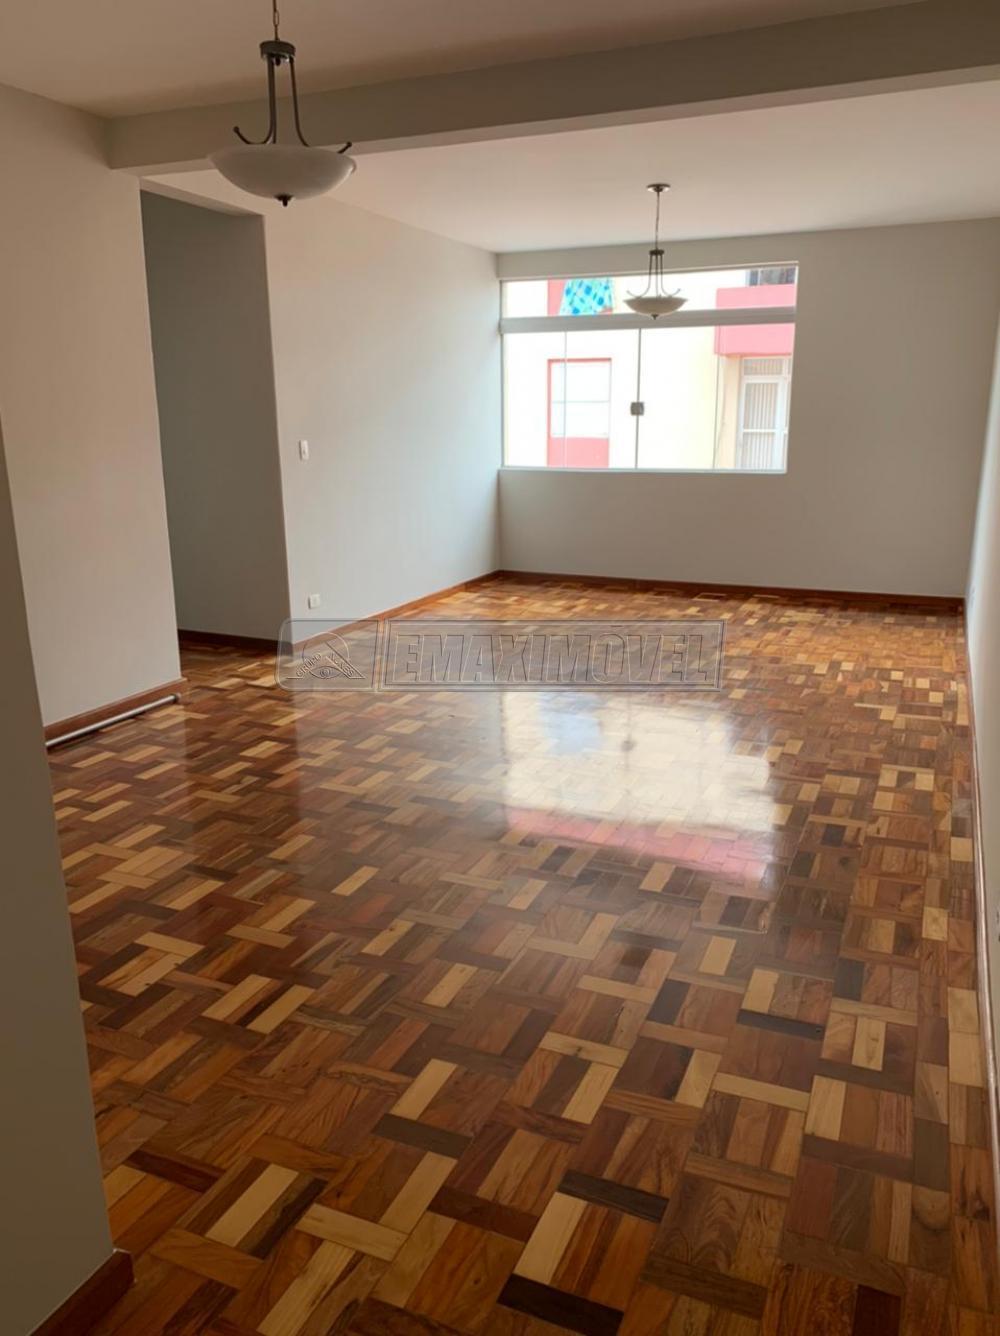 Comprar Apartamento / Padrão em Sorocaba R$ 420.000,00 - Foto 2